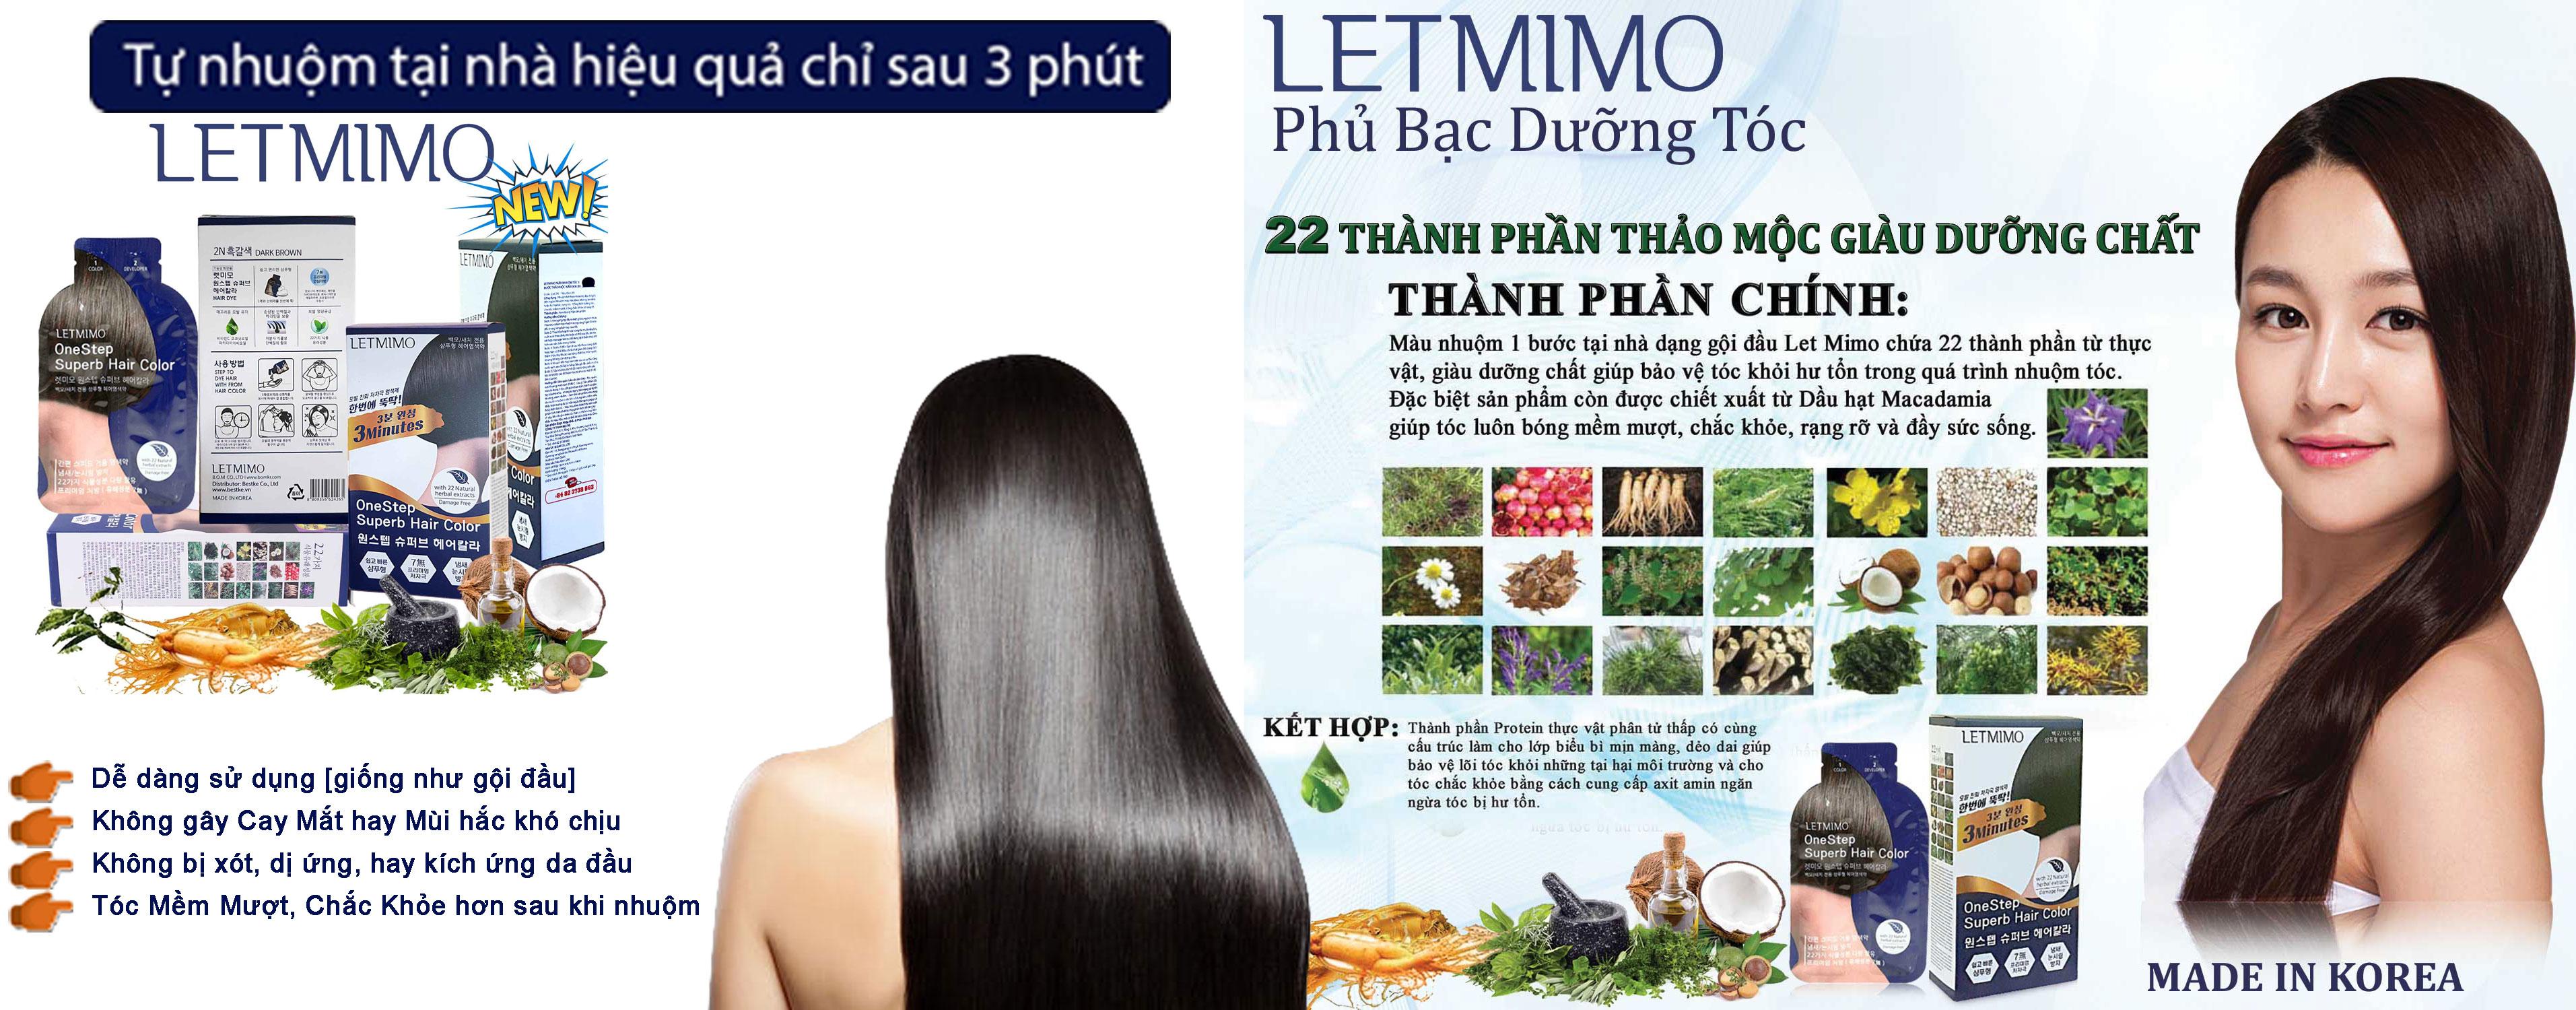 LETMIMO Thuốc Nhuộm tóc , Phủ Bạc Dưỡng tóc Thảo Mộc, 2N Màu Nâu Đen, Hộp 5 Gói, Mỗi gói 24g